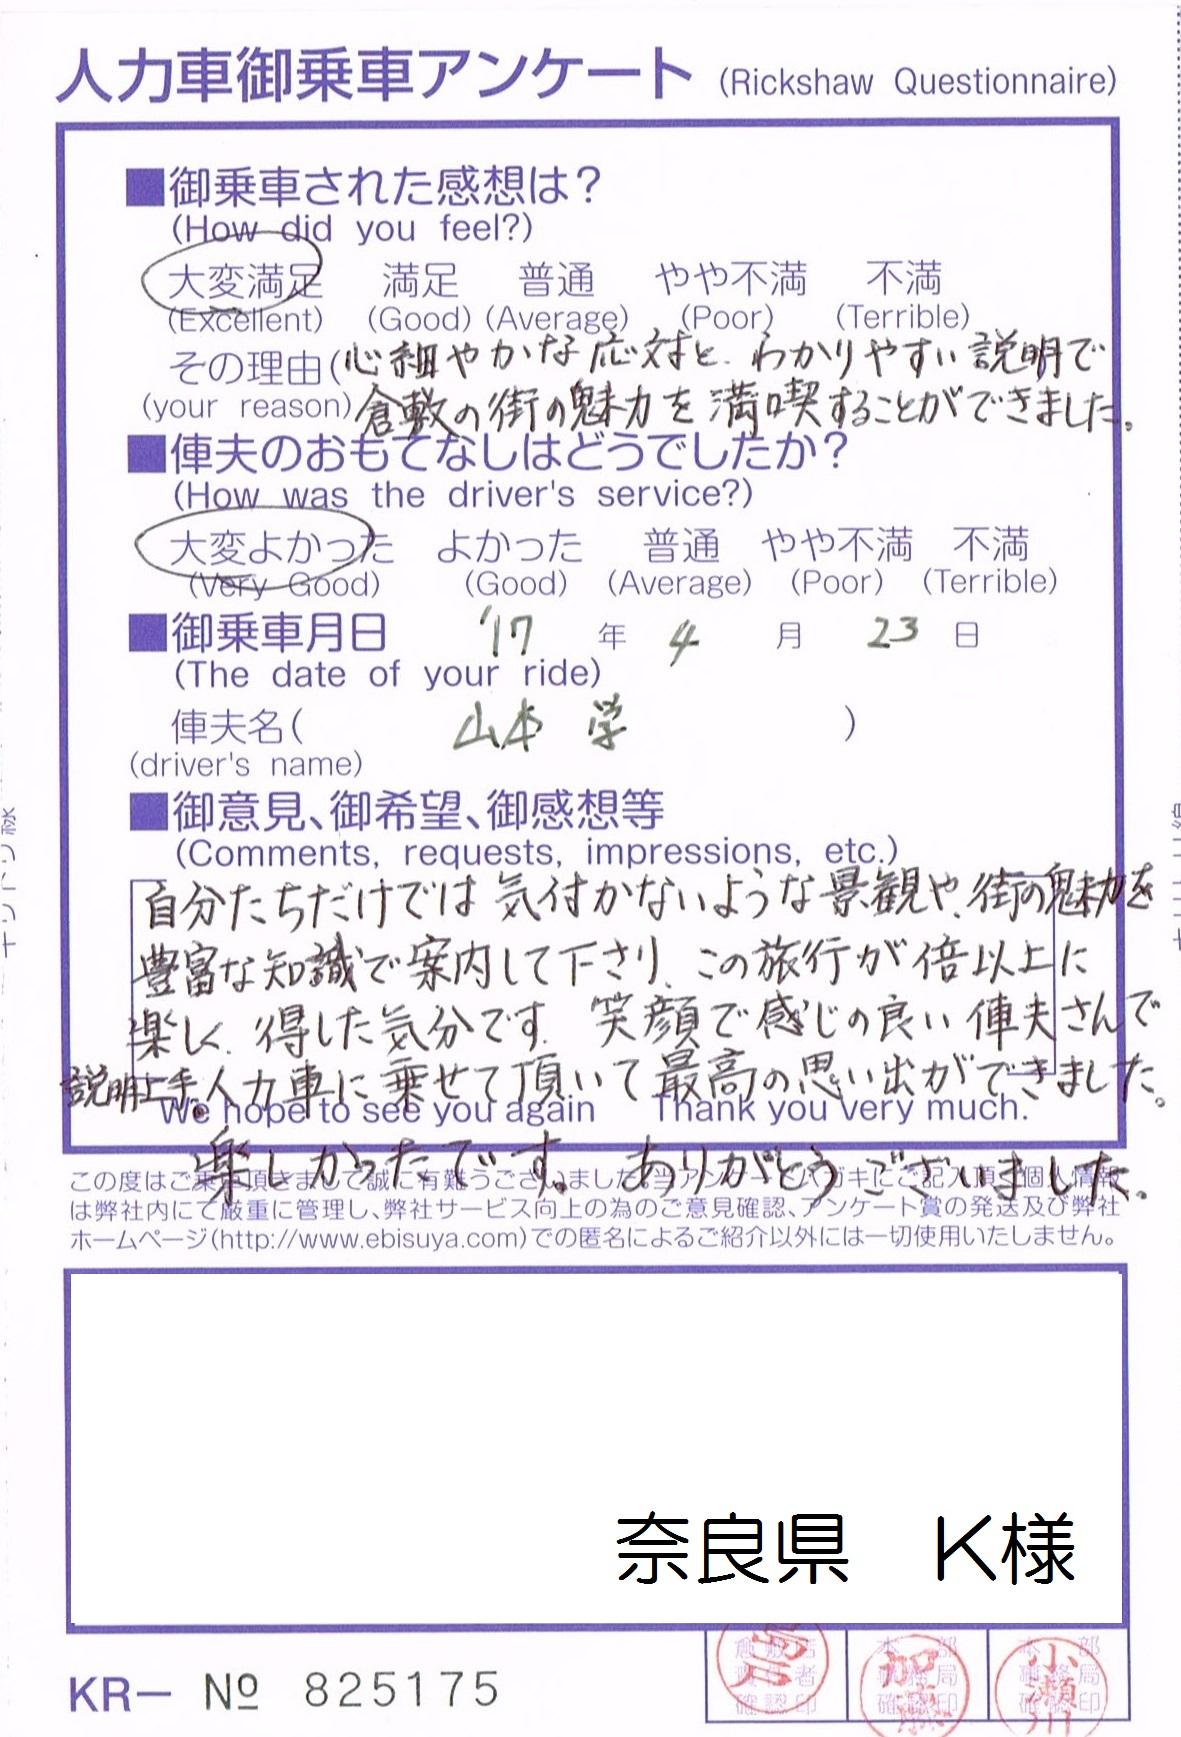 奈良県 K様